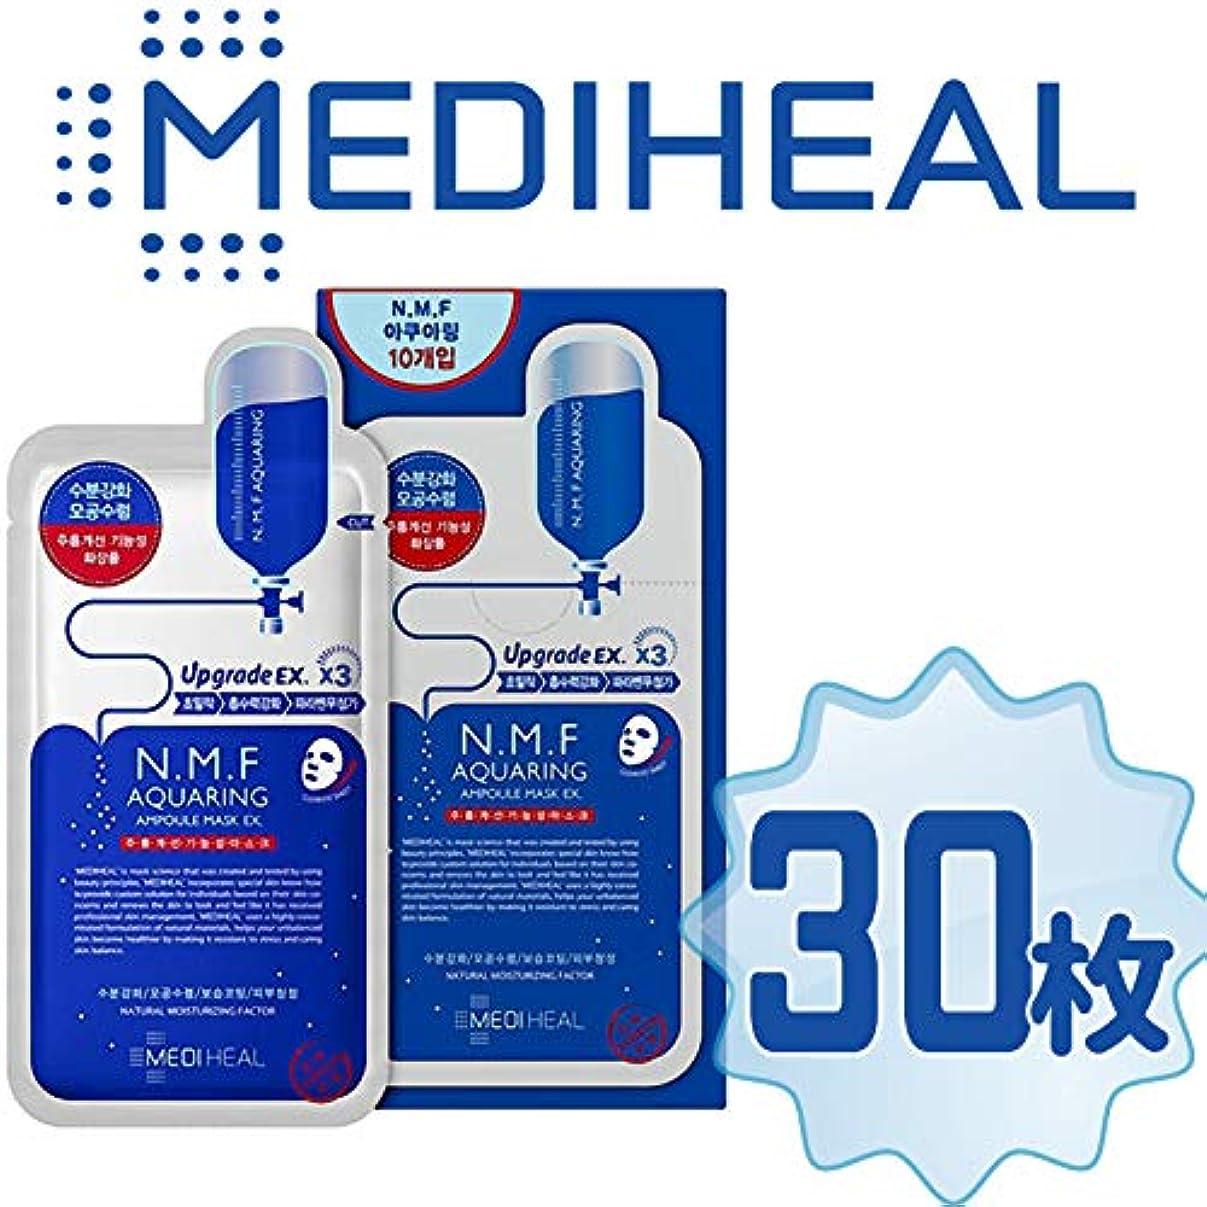 失うフォージ等しい【正規輸入品】Mediheal メディヒール N.M.F アクアリング アンプル?マスクパックEX 10枚入り×3(Aquaring Ampoule Essential Mask PackEX 1box(10sheet)×3